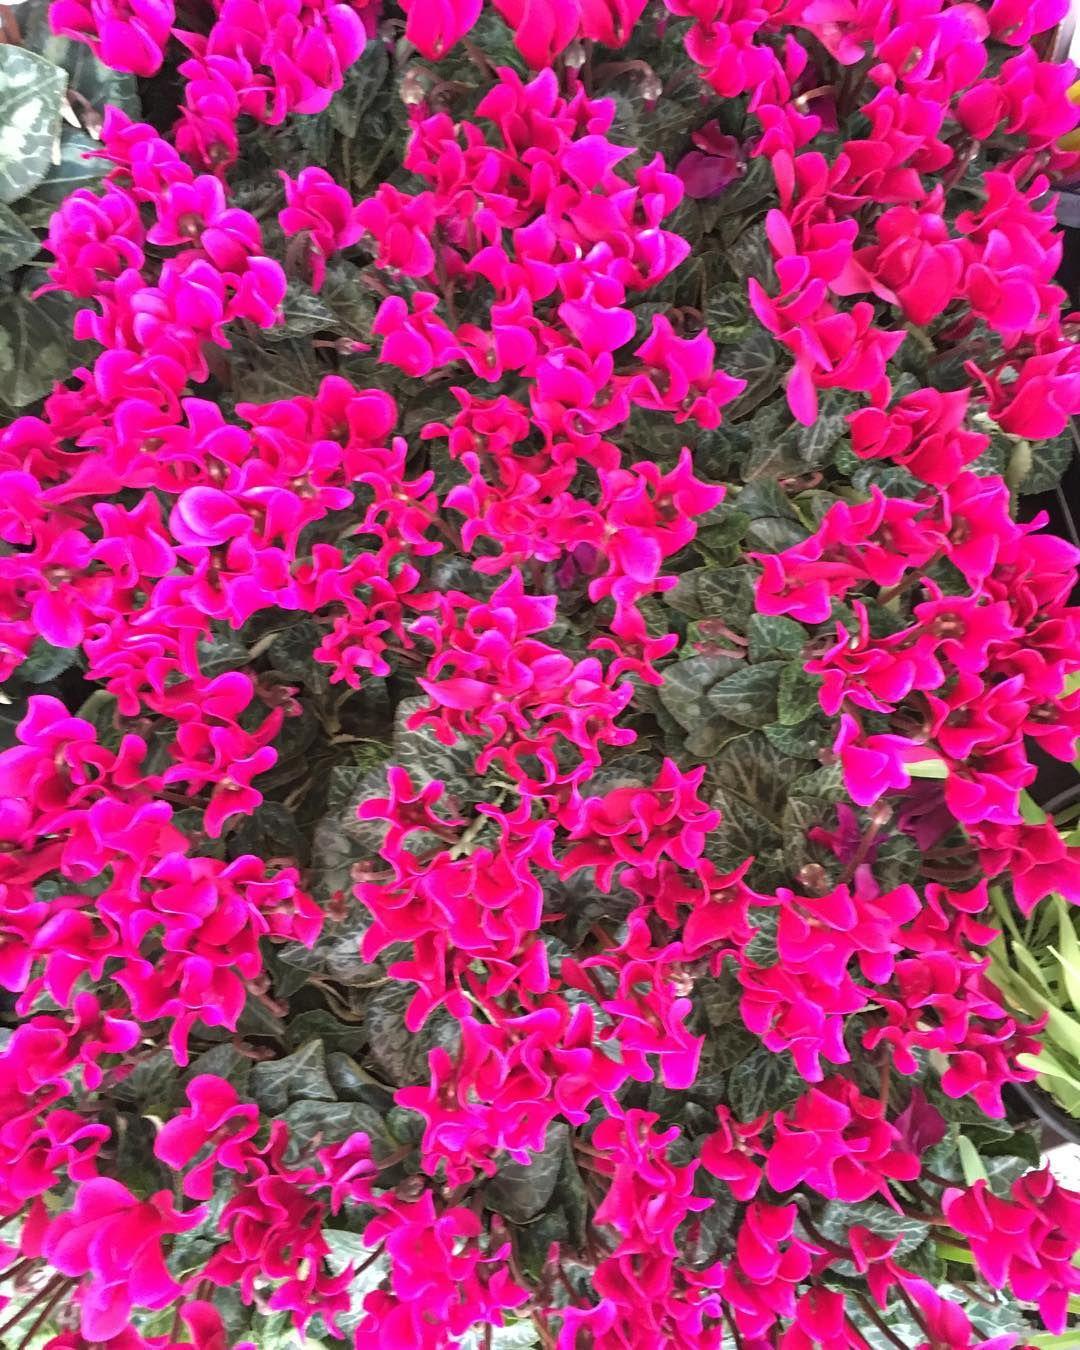 #SinFiltro ((Como las mujeres bellas)) - para nosotros es redundante -  No hay nada que nos haga pensar en lo contrario ustedes son El verdadero mood de inspiración #QueNadaTeDetenga #TuNosInspiras #YennyBastida #Pretaporter #flowerpower #floripondia #readytowear #estamosfelices #amamosloquehacemos #readytowear #tictac #newcollection #HechoenVenezuela #HechoaMano #LookYB #DiseñosParaTodaLaVida by ybpretaporter